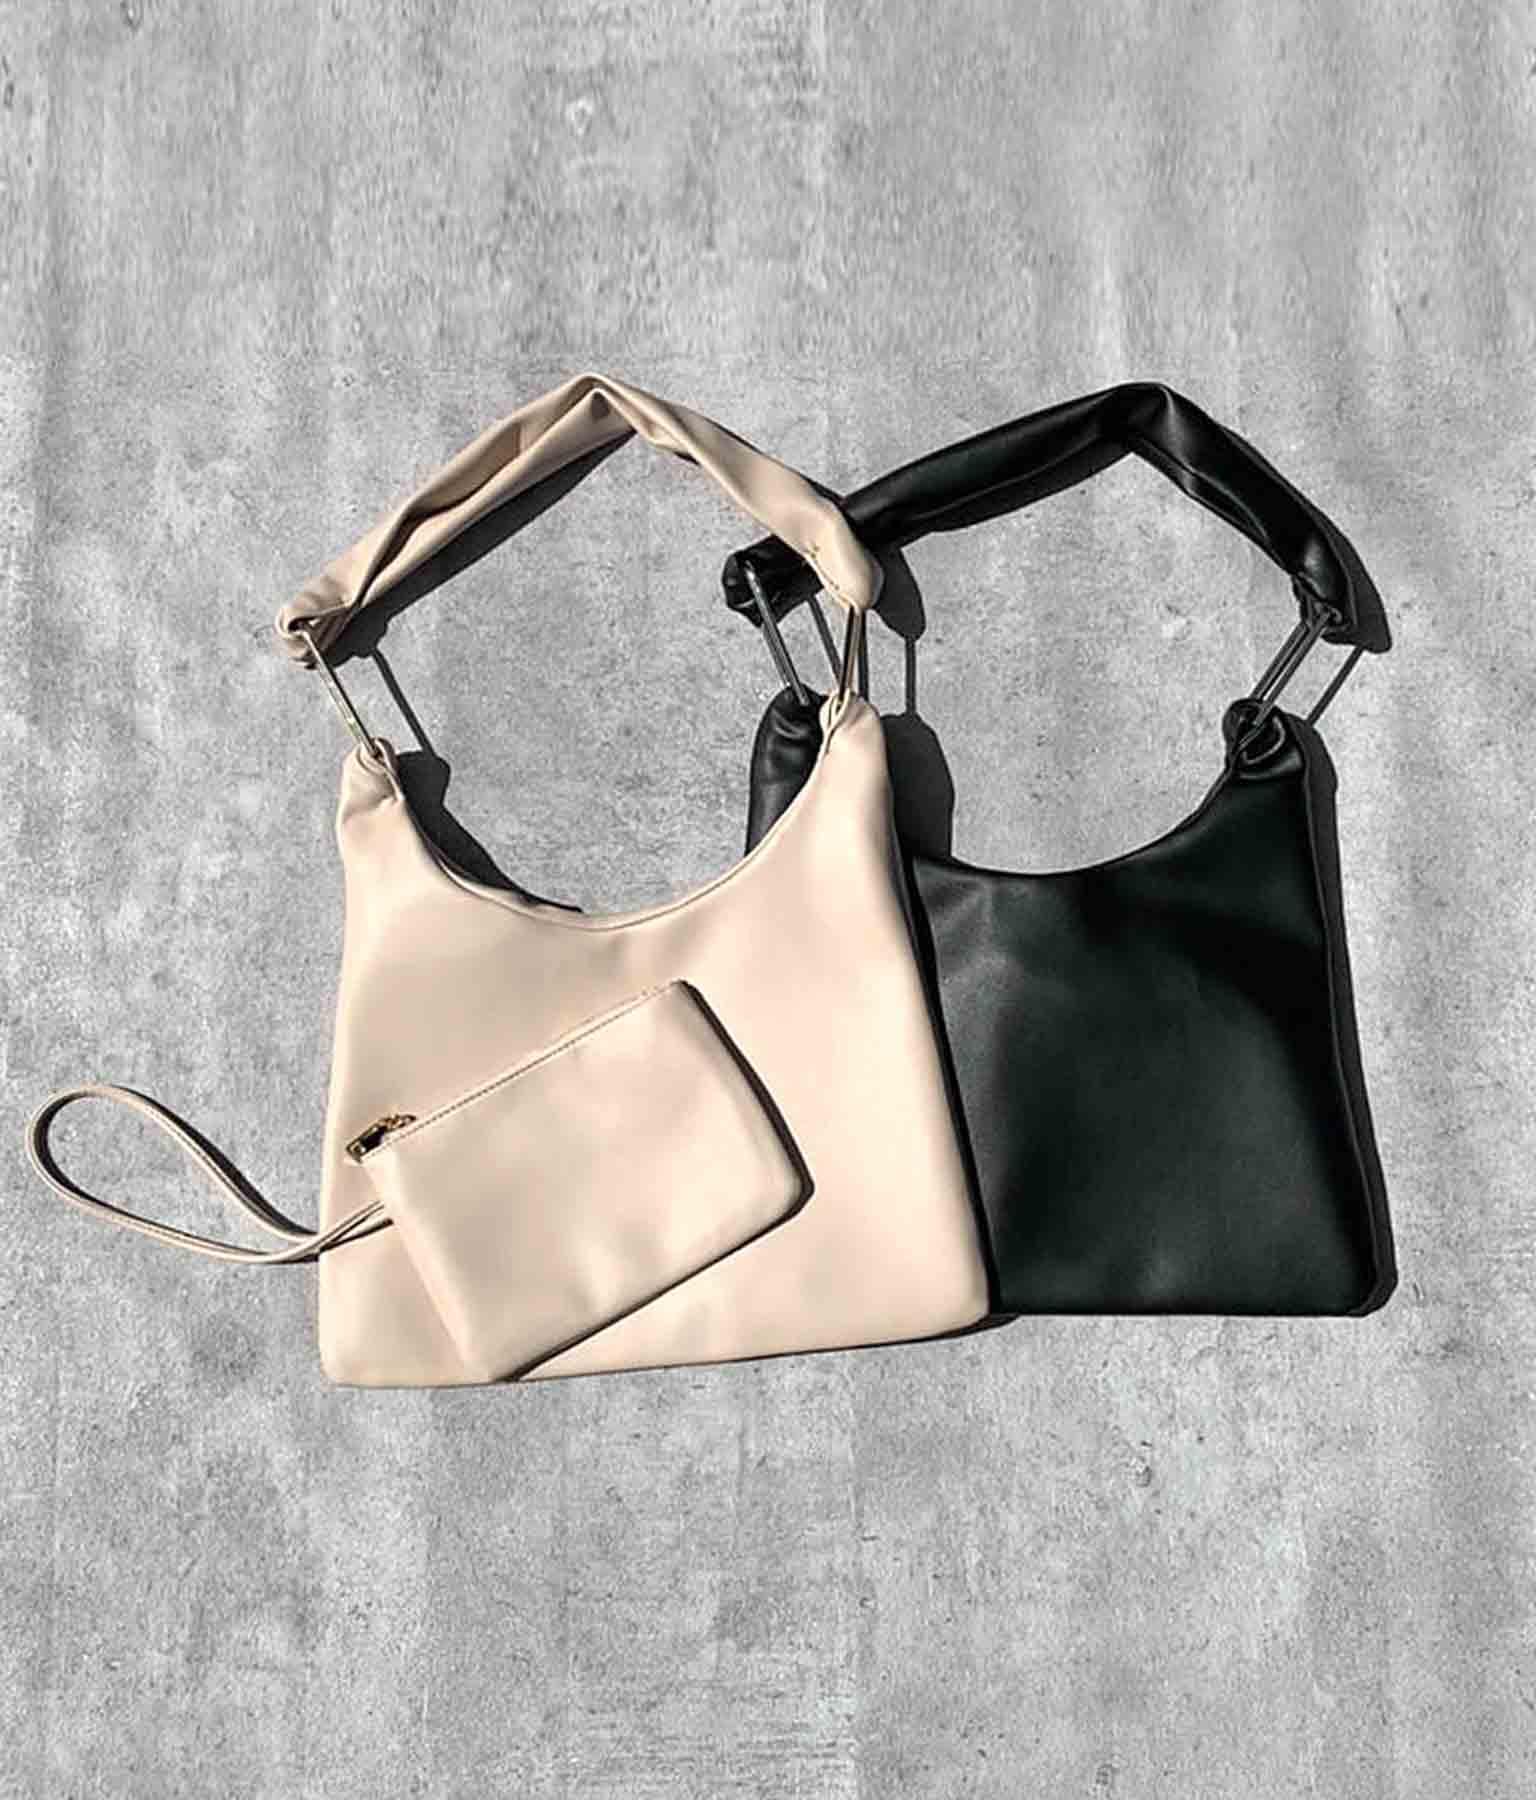 ポーチ付きスクエアパーツバッグ(バッグ・鞄・小物/ハンドバッグ・ショルダーバッグ) | ANAP